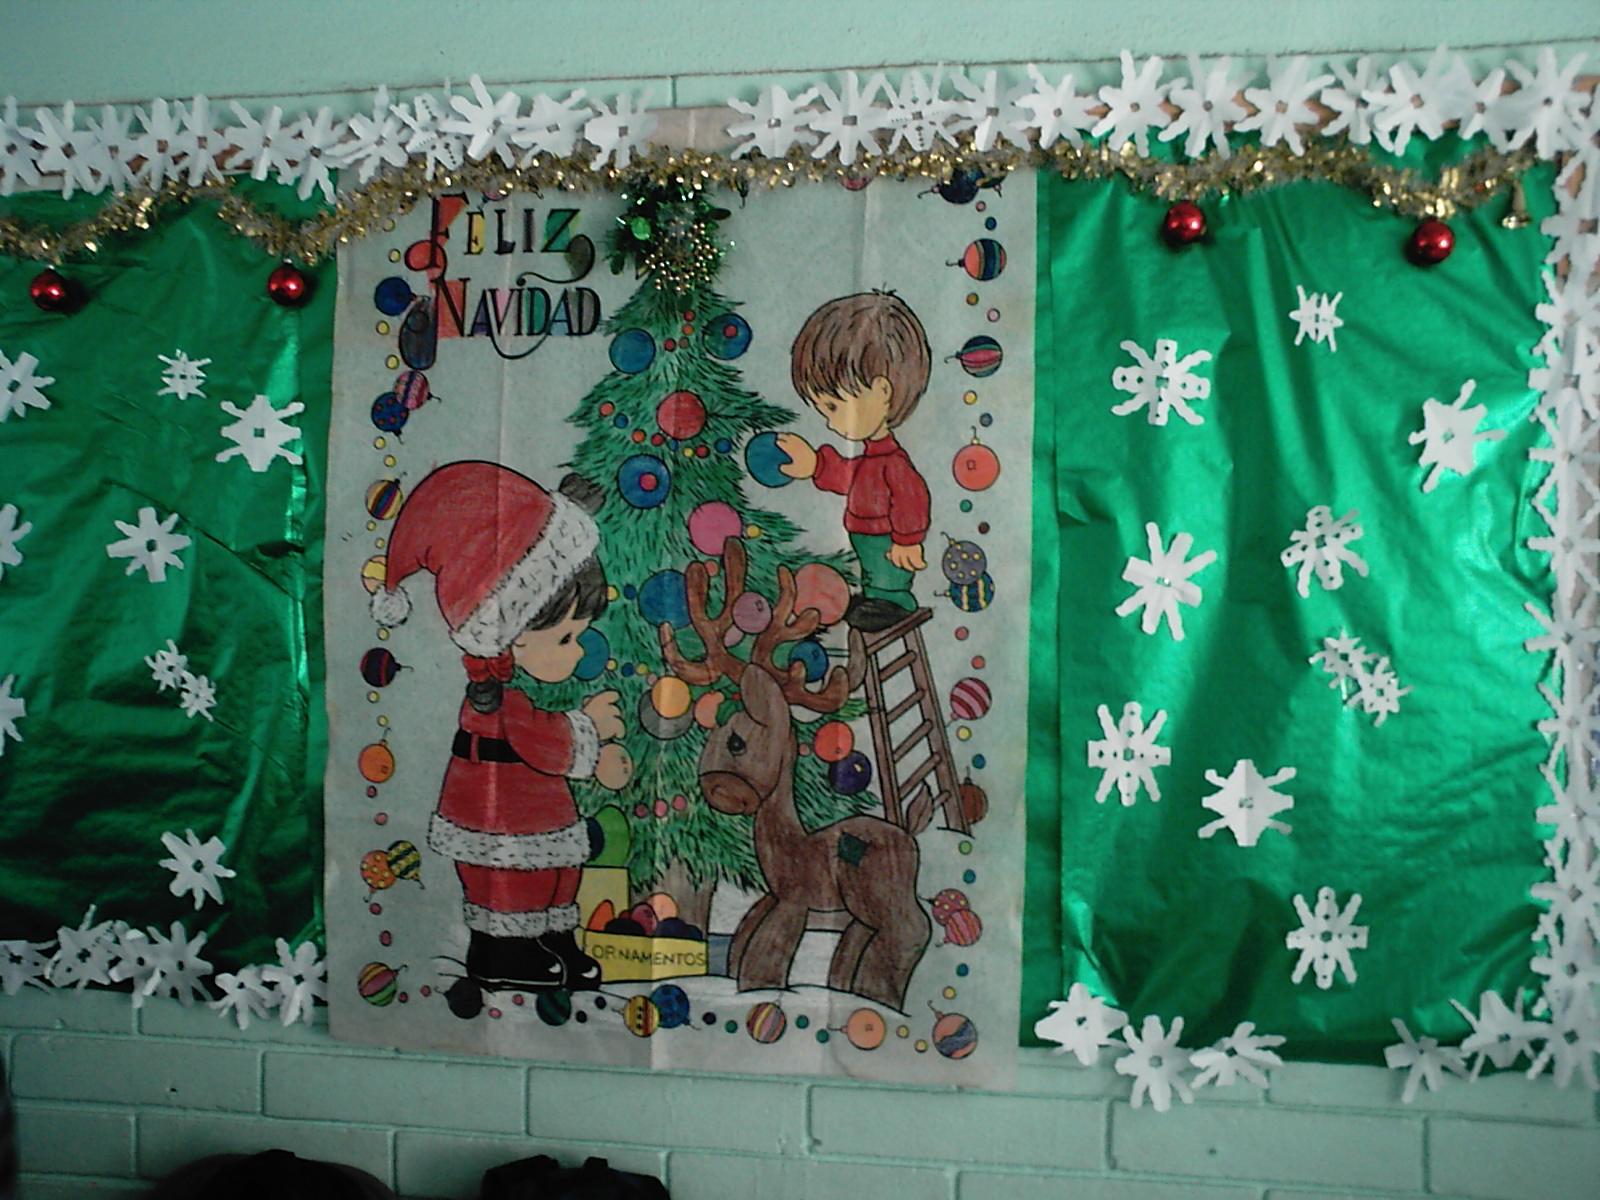 Nos invade la navidad 5to y 6to grado for Mural navideno